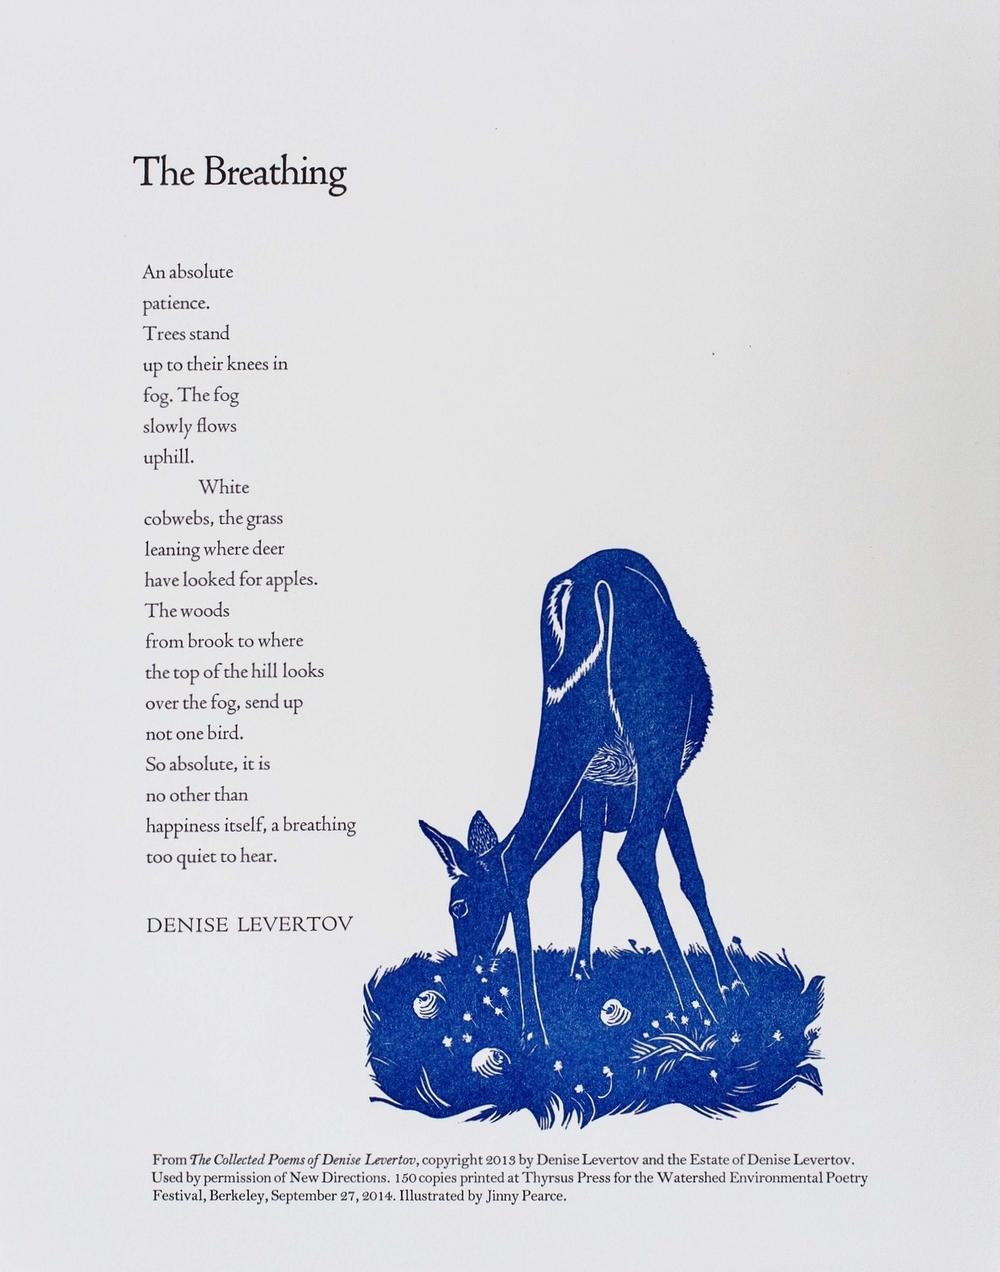 Denise Levertov, The Breathing, 2014